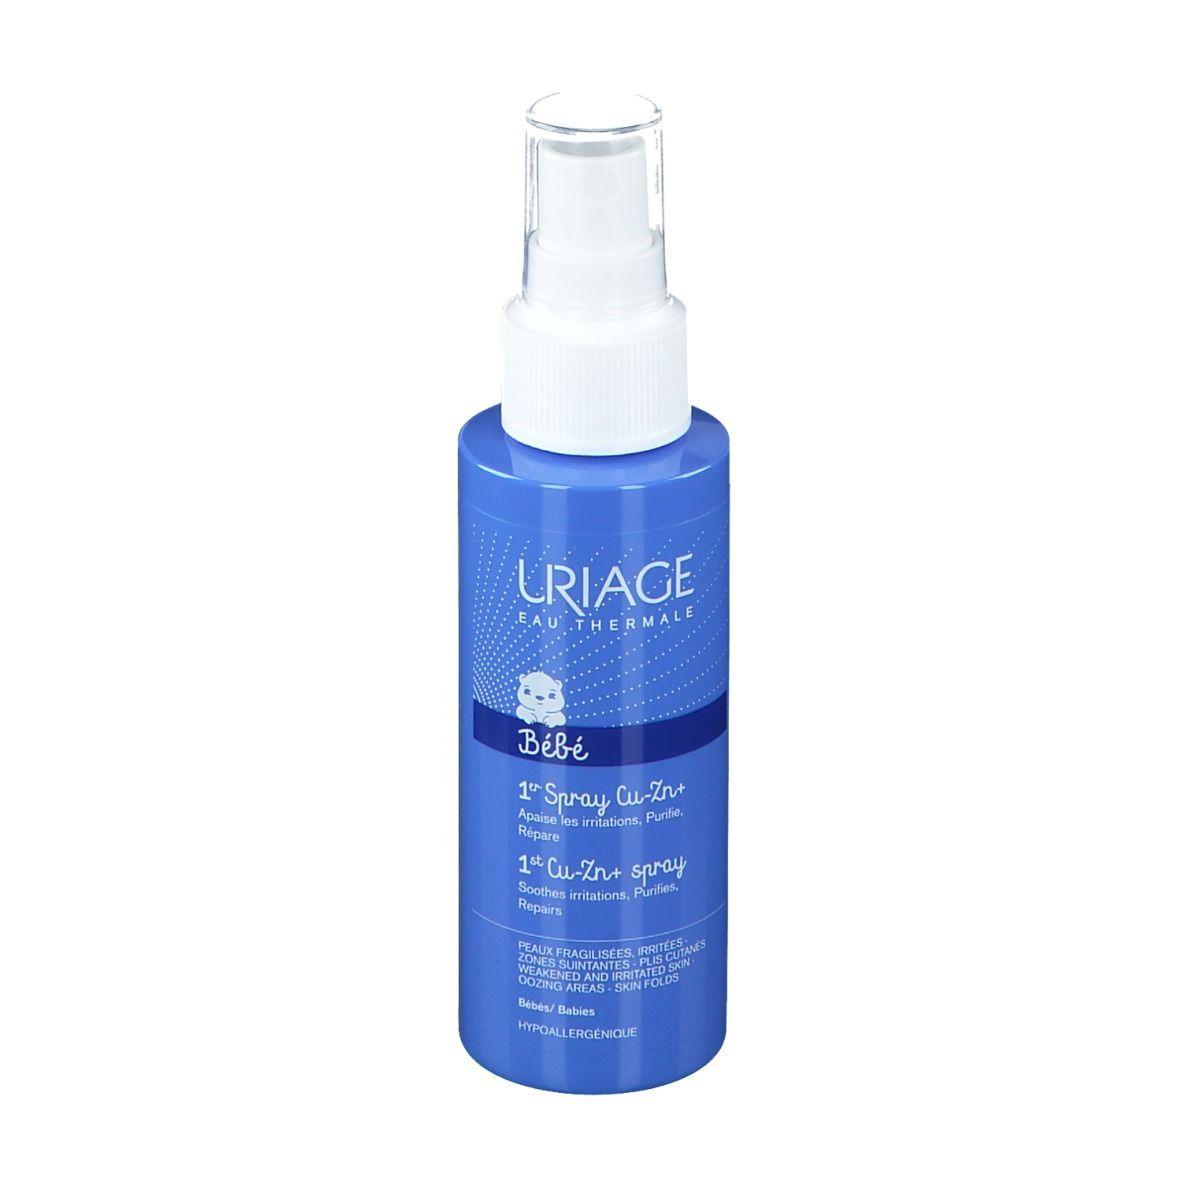 Uriage 1ER SPRAY CU-ZN+